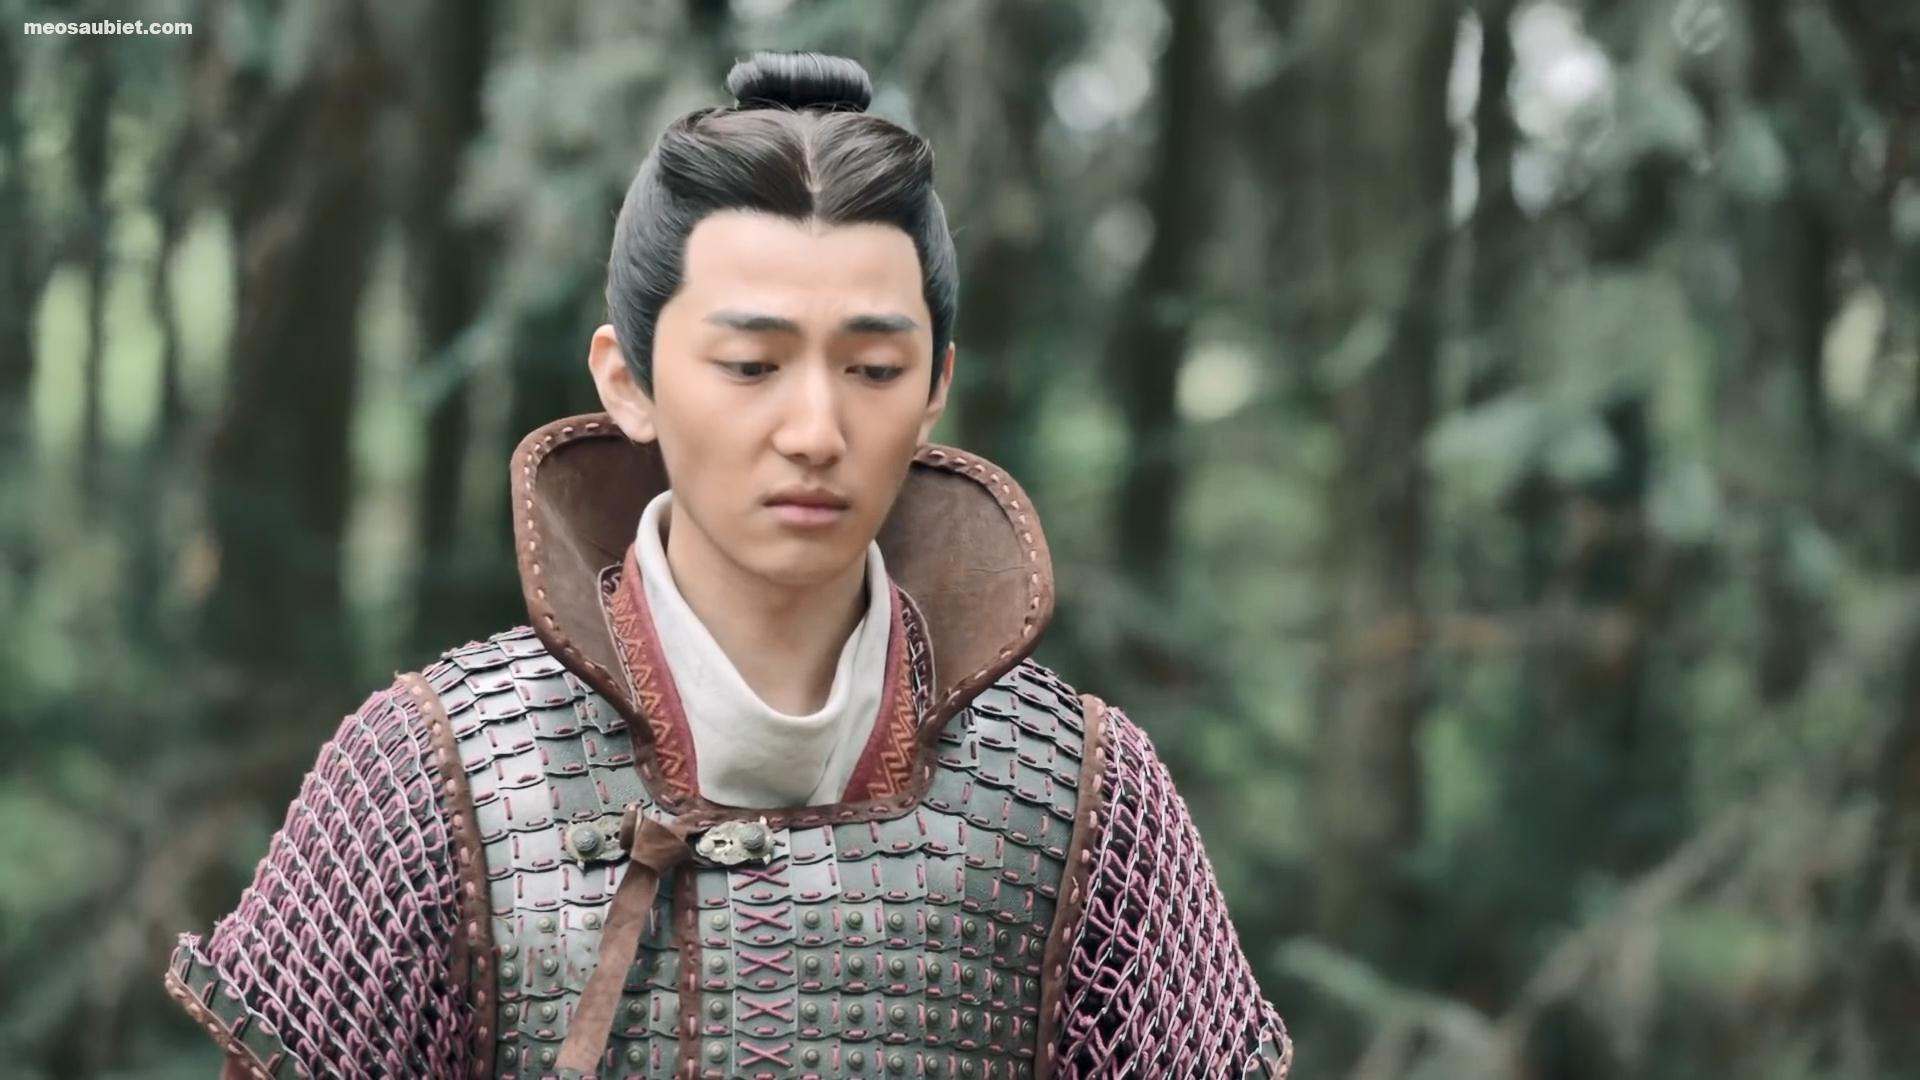 Tam quốc cơ mật 2018 Lưu Dục Hàm trong vai Tào Thực